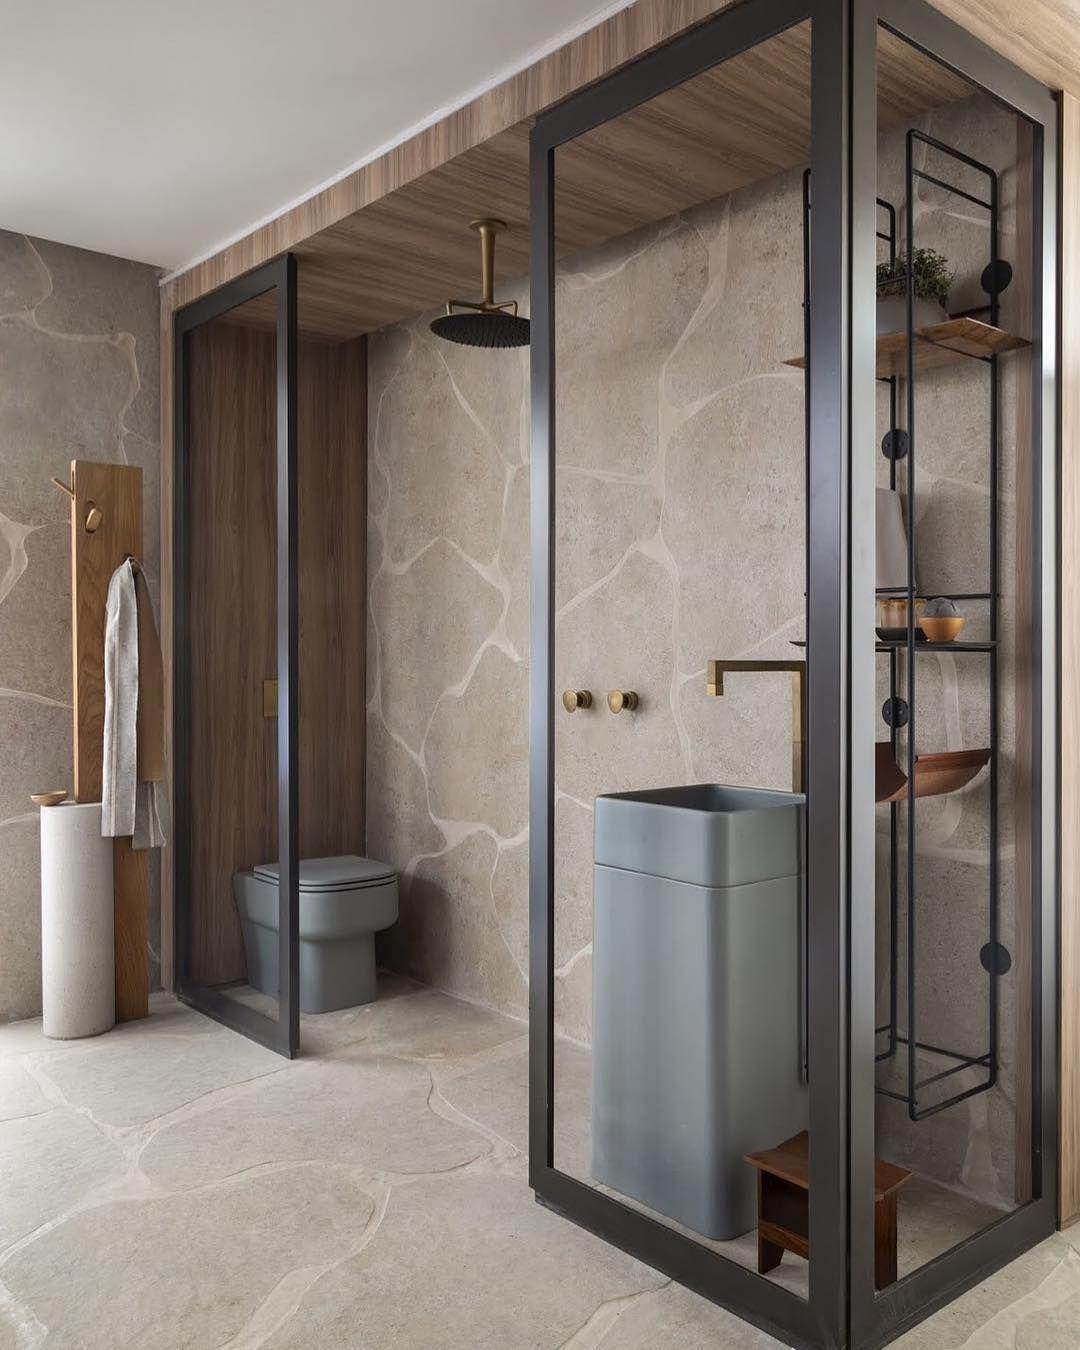 Papo De Interiores On Instagram Casa Menir Is Designed By